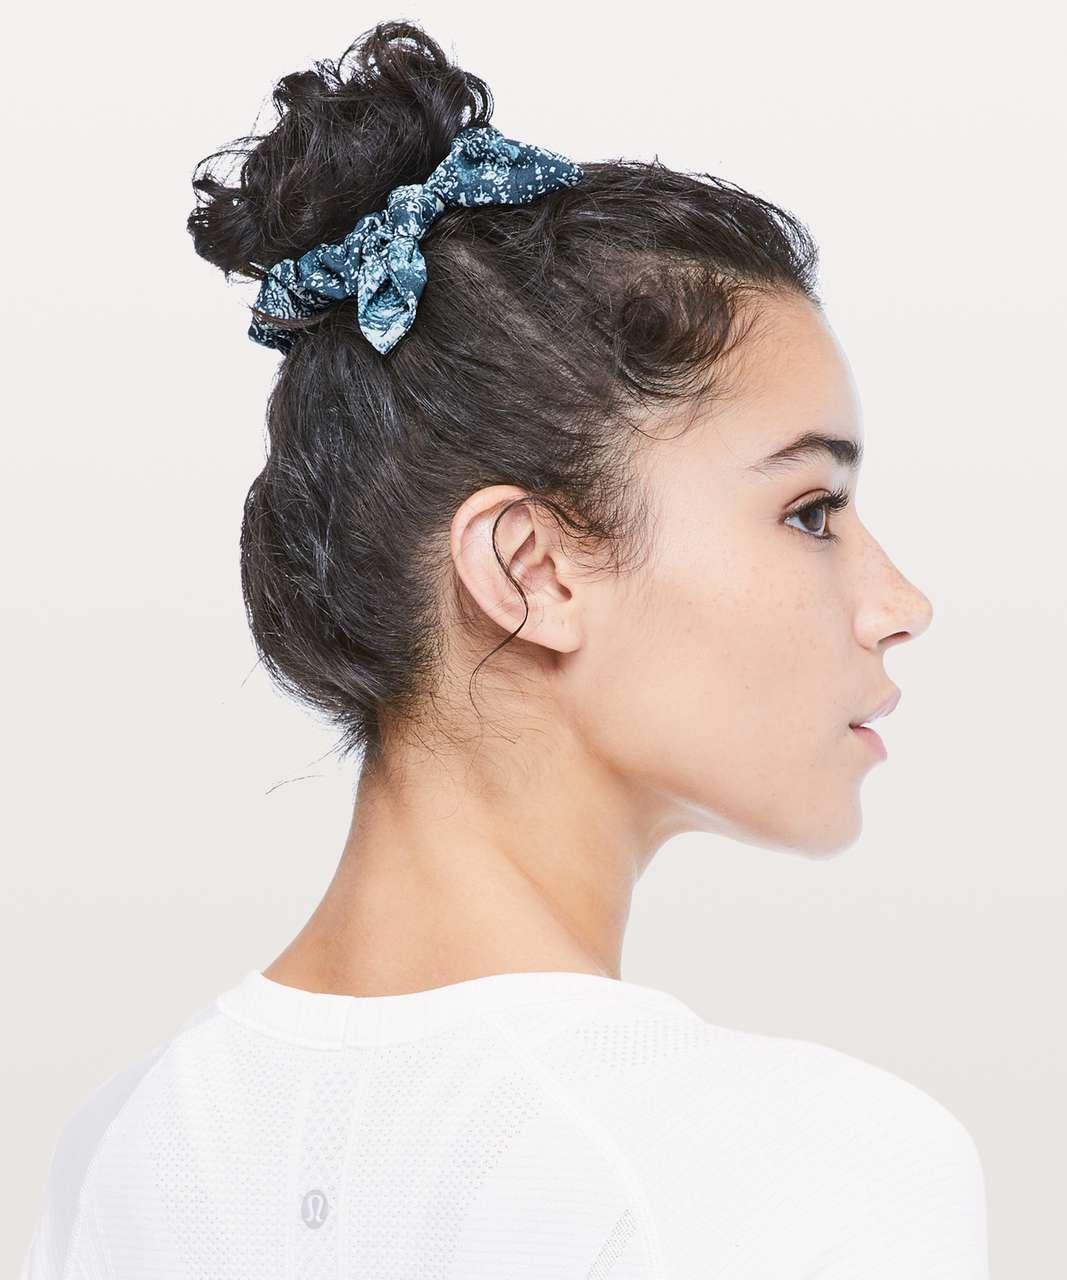 Lululemon Uplifting Scrunchie *Bow - Paisley Glaze Multi